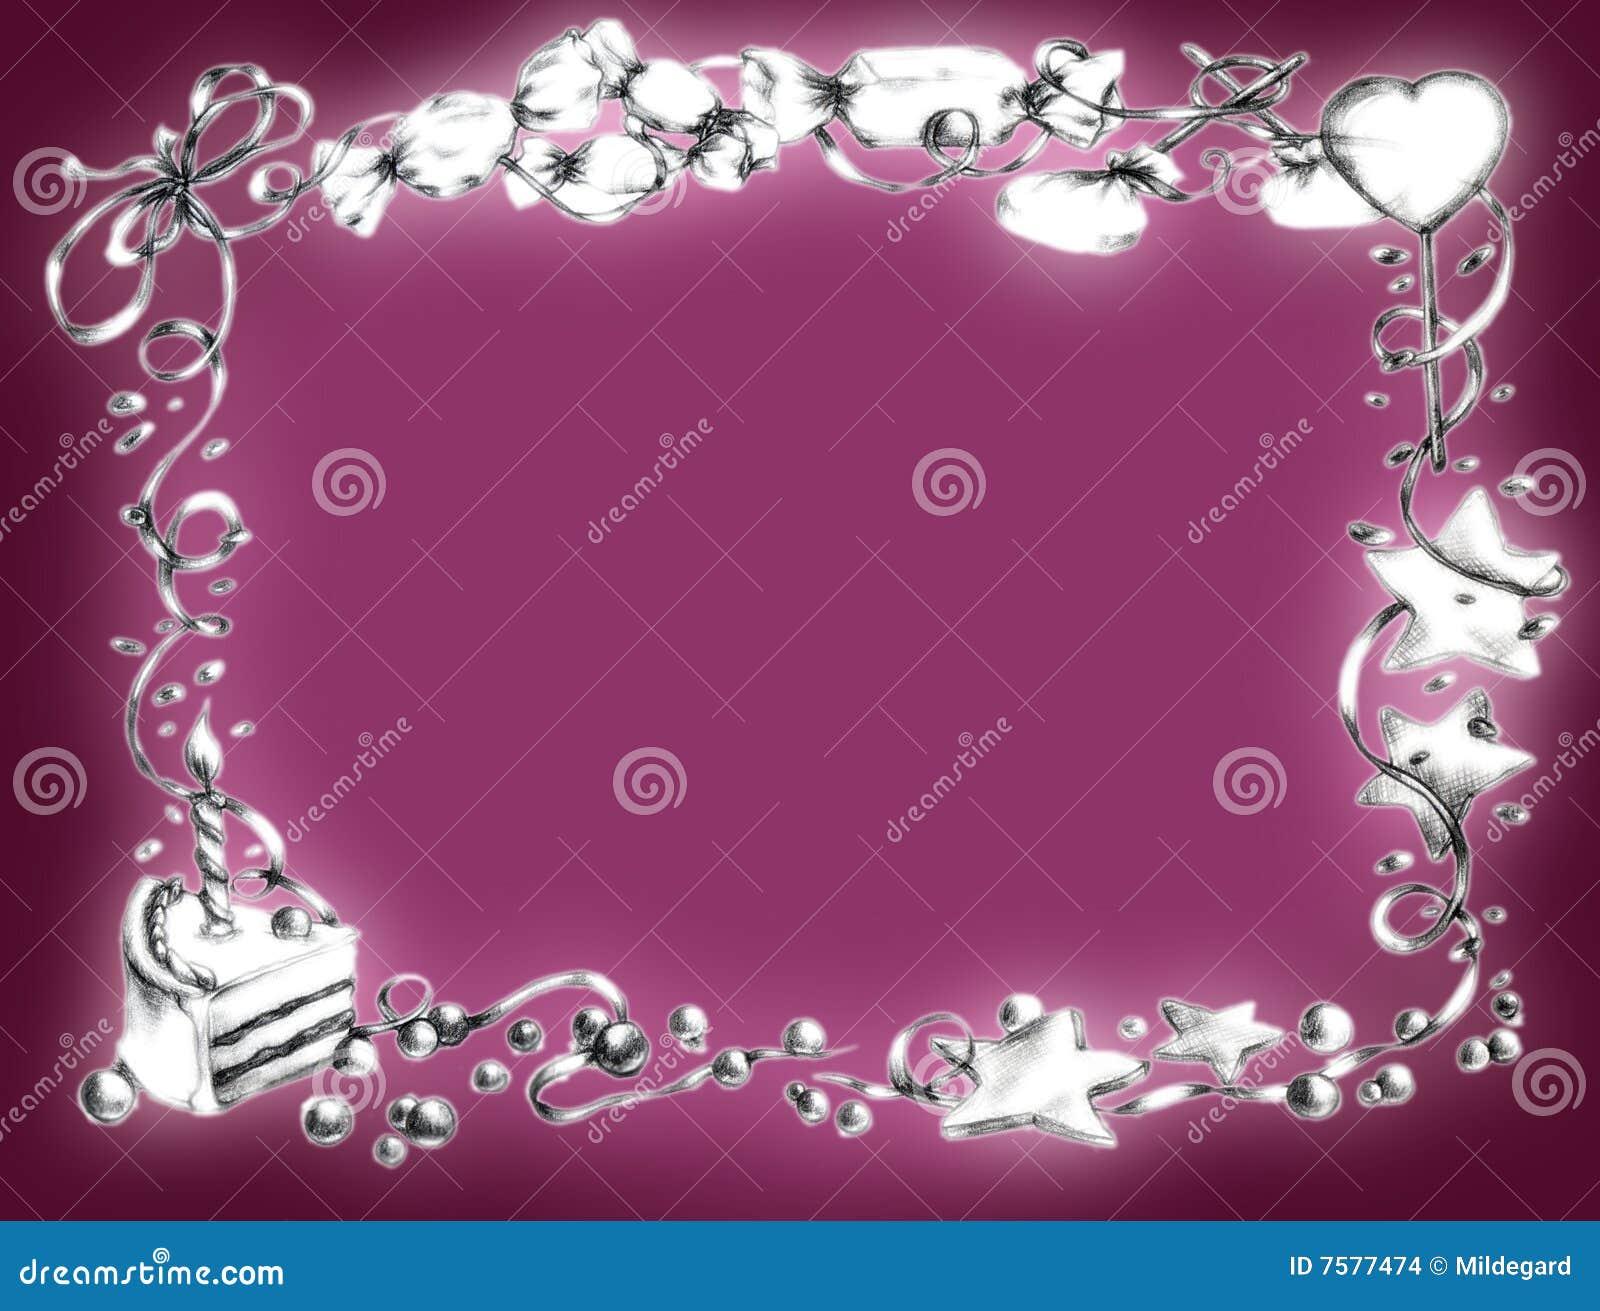 Blocco Per Grafici Di Buon Compleanno - Colore Rosa ...